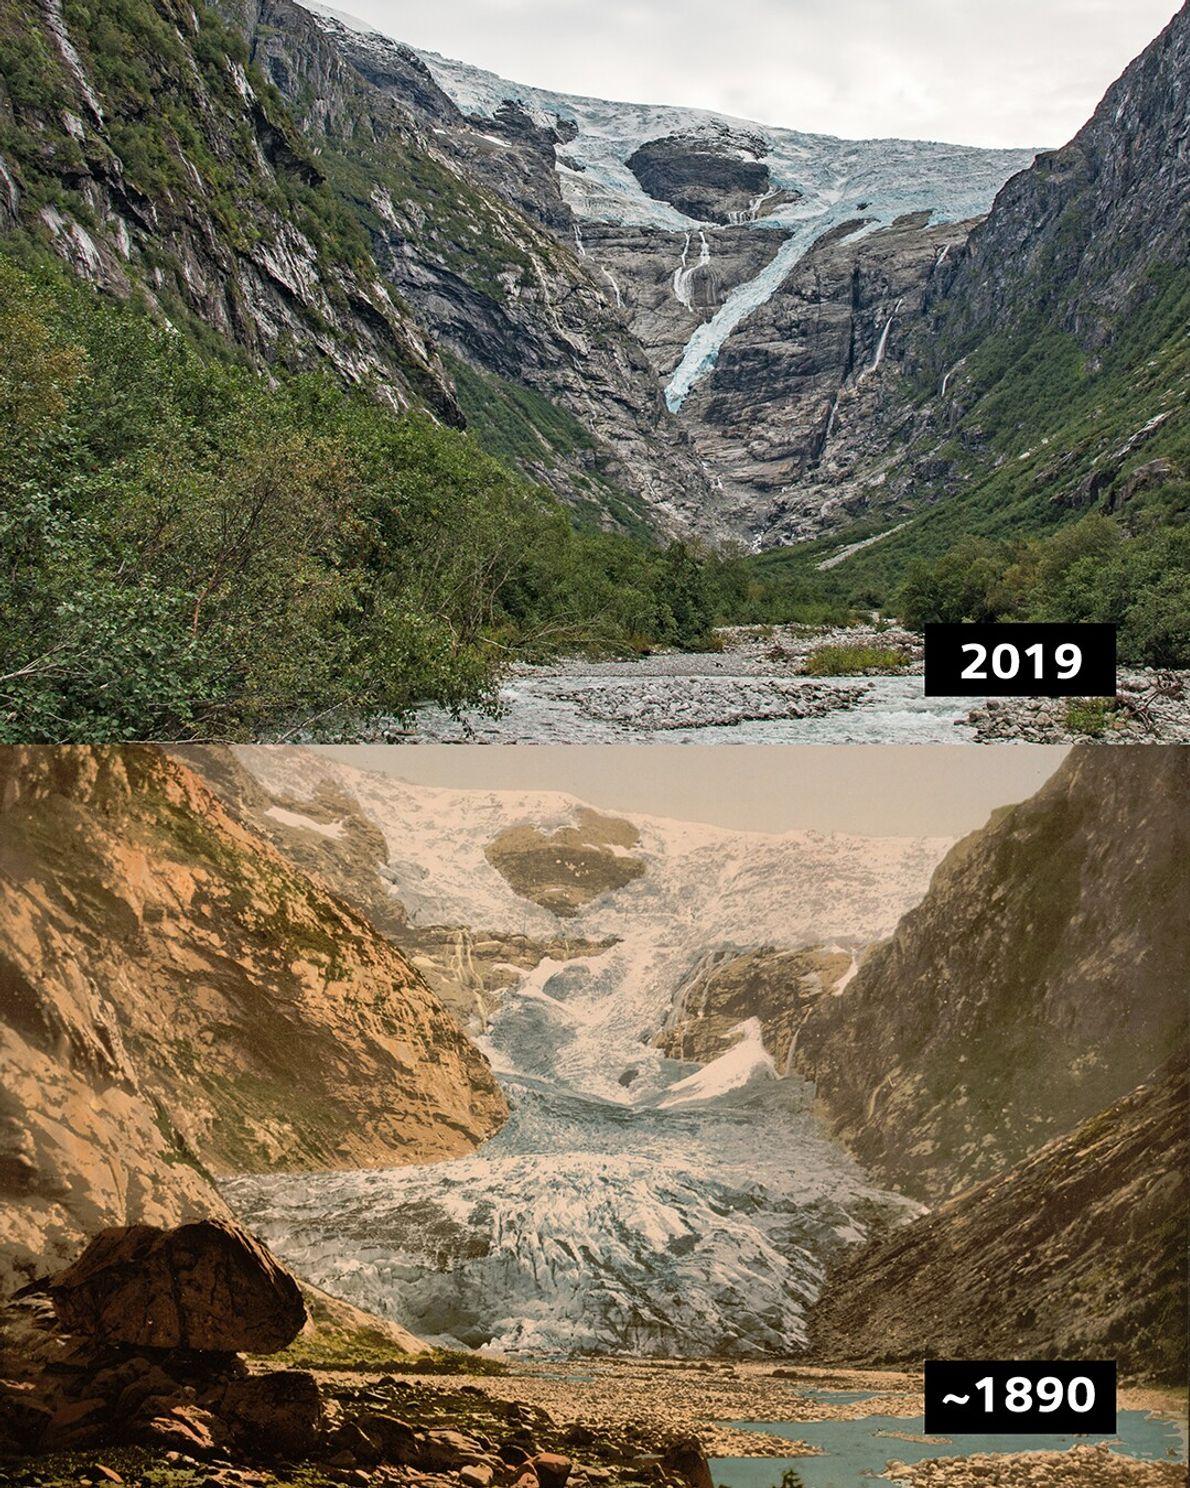 Kjenndalsbreen, Norwegen: Der Kjenndal-Gletscher ist ein Ausläufer des gewaltigen Jostedal-Gletschers, dem größten Festlandgletscher Europas.